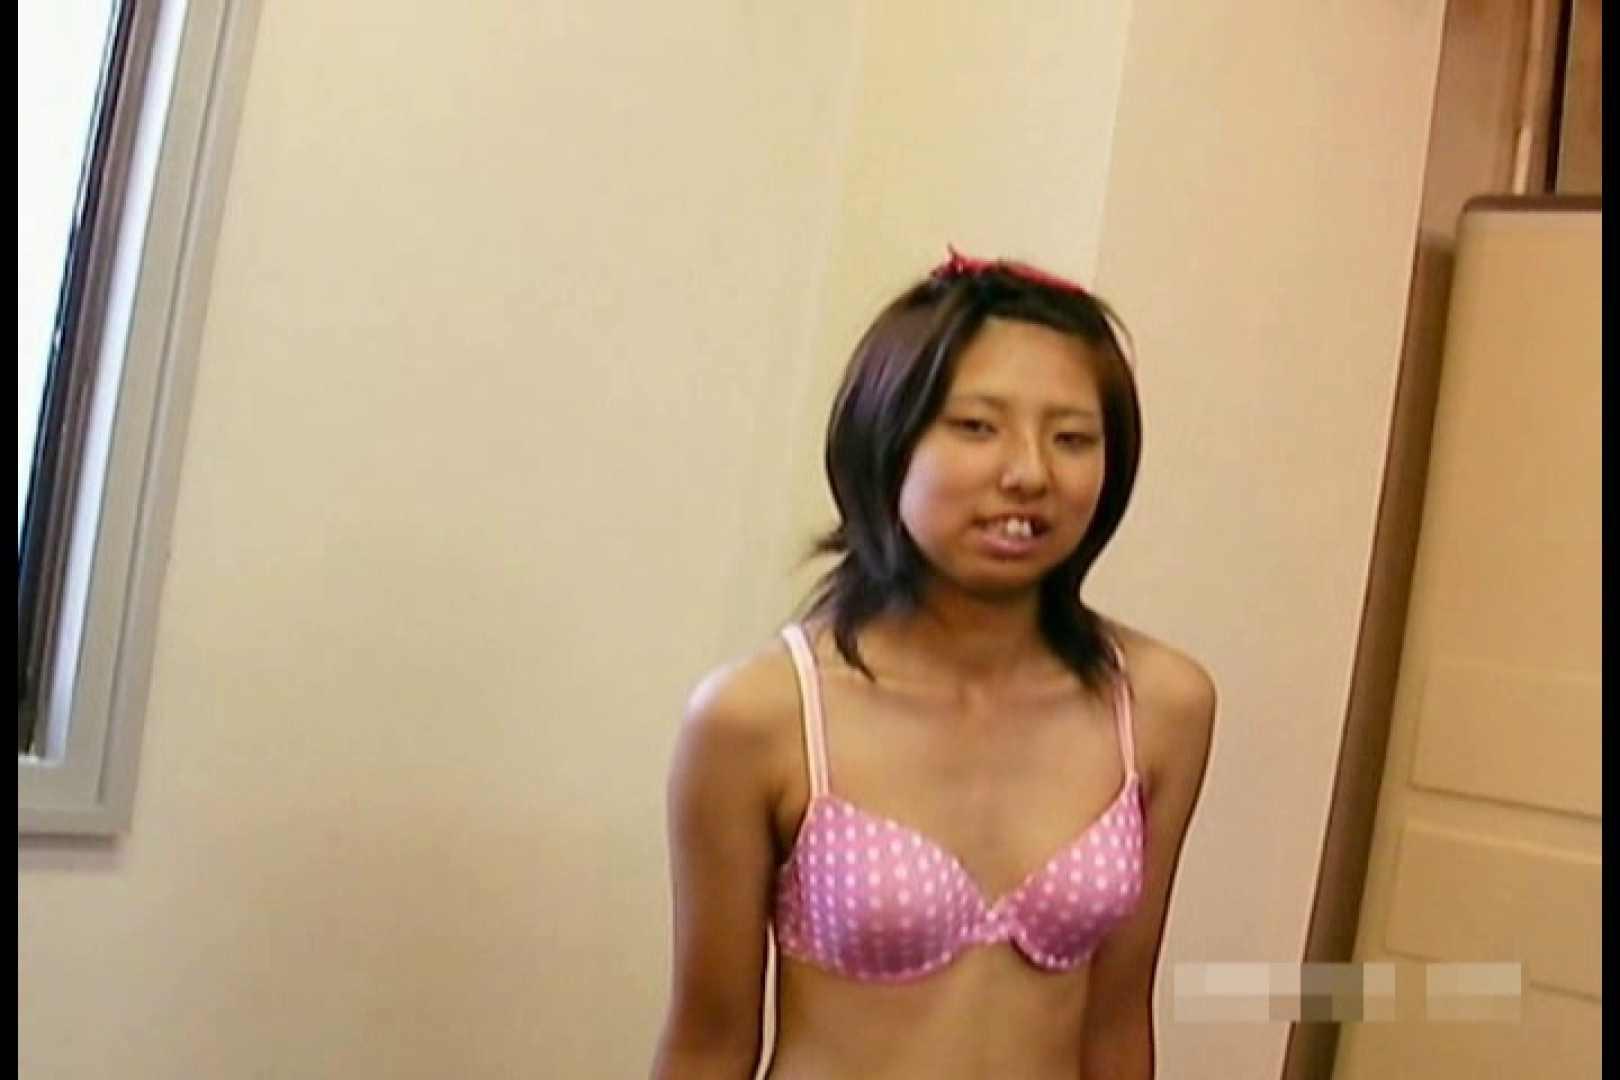 素人撮影 下着だけの撮影のはずが・・・エミちゃん18歳 可愛い乳首 すけべAV動画紹介 107pic 32